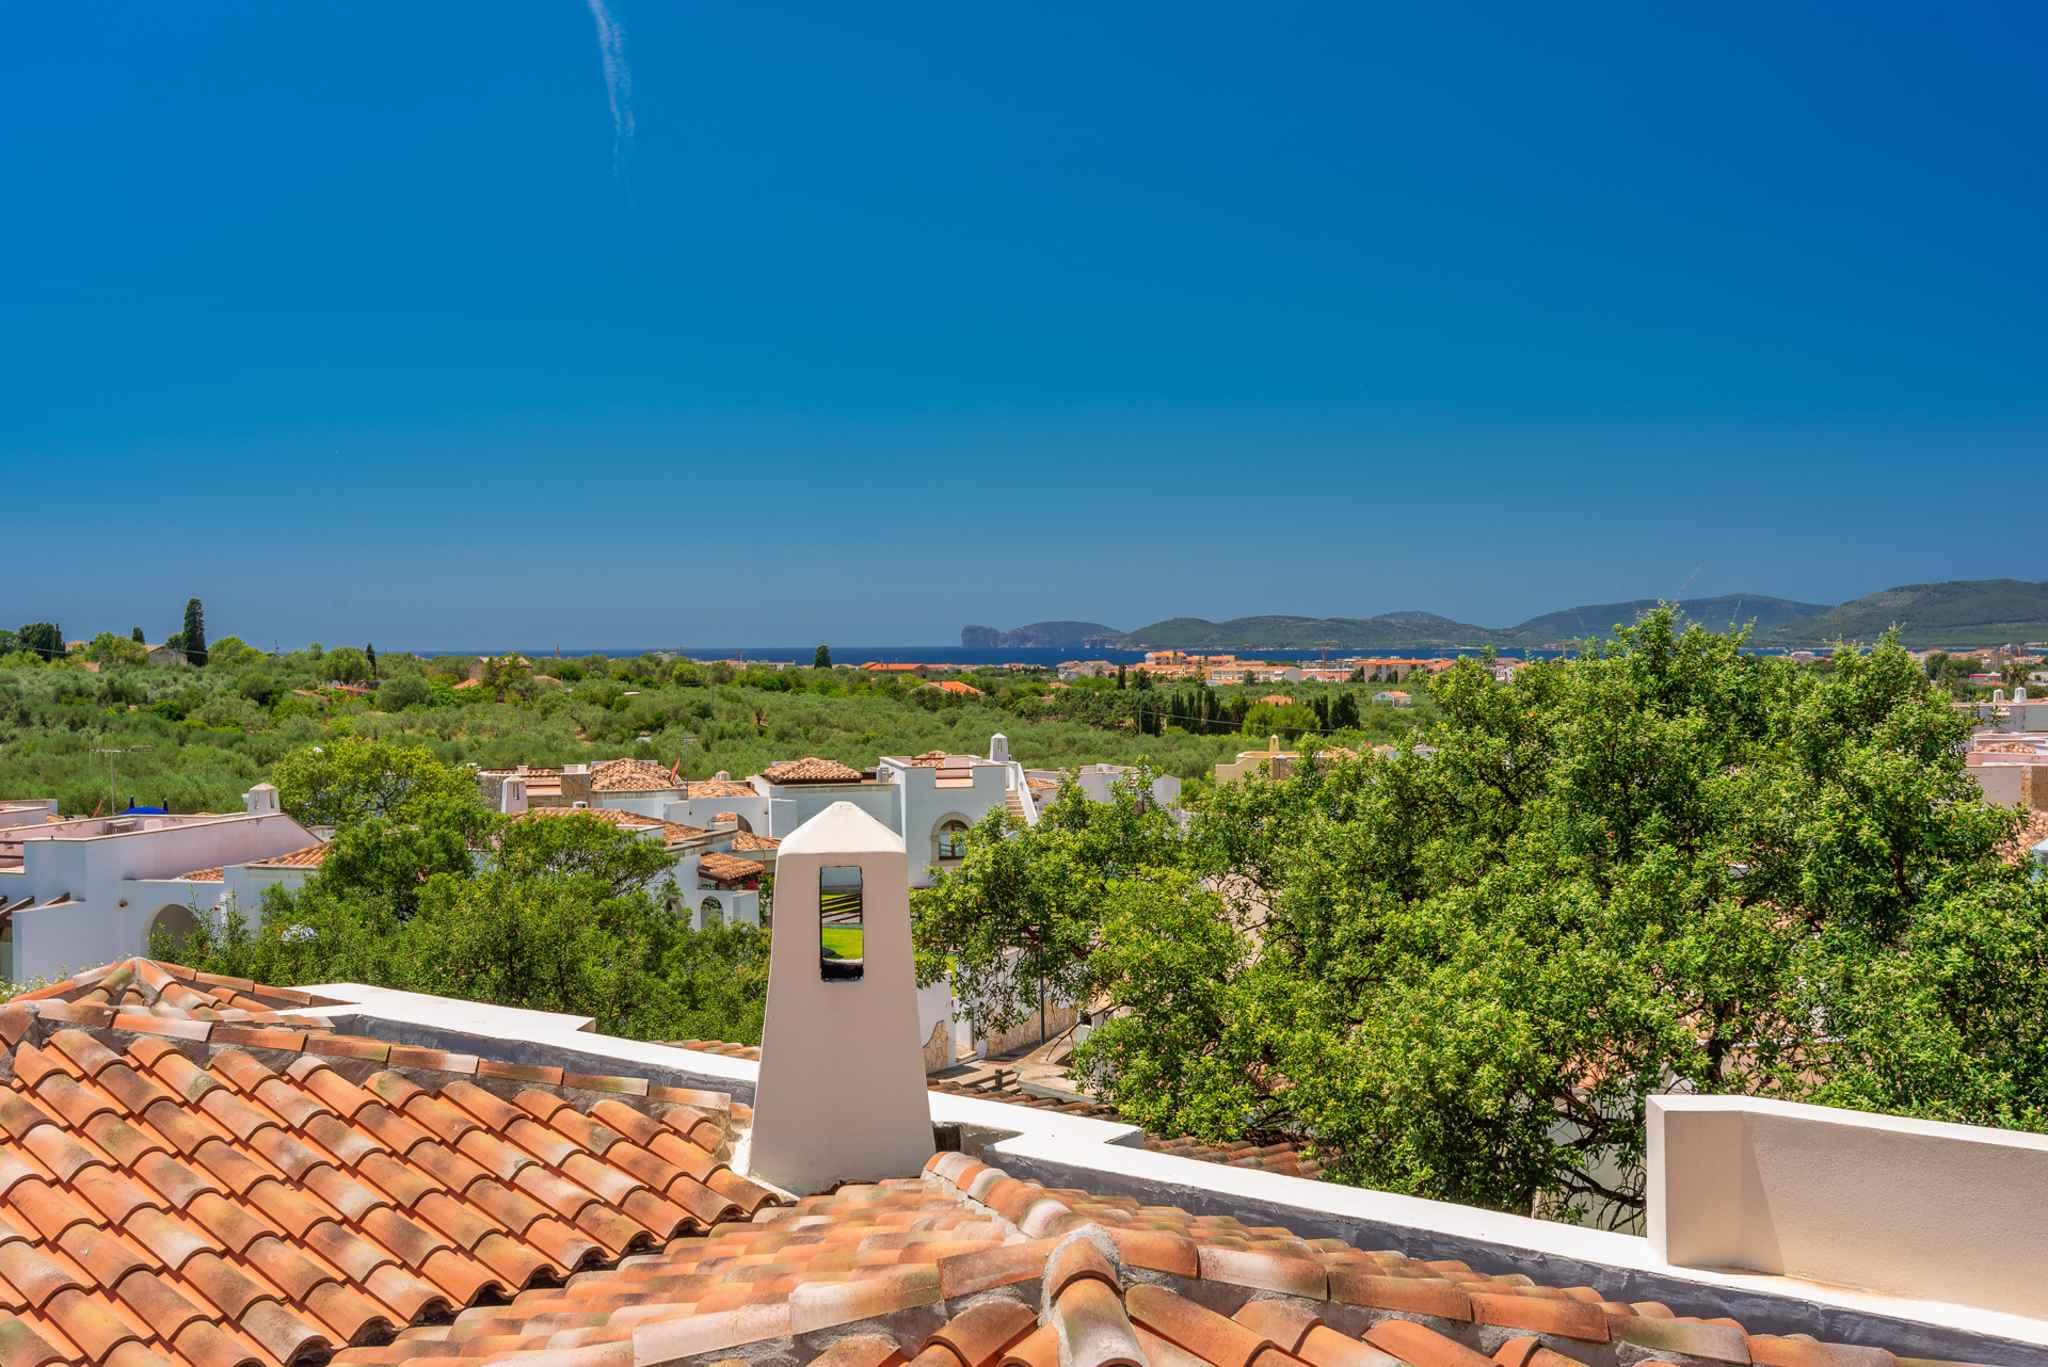 Ferienhaus mit KLimaanlage (2182426), Alghero, Sassari, Sardinien, Italien, Bild 11